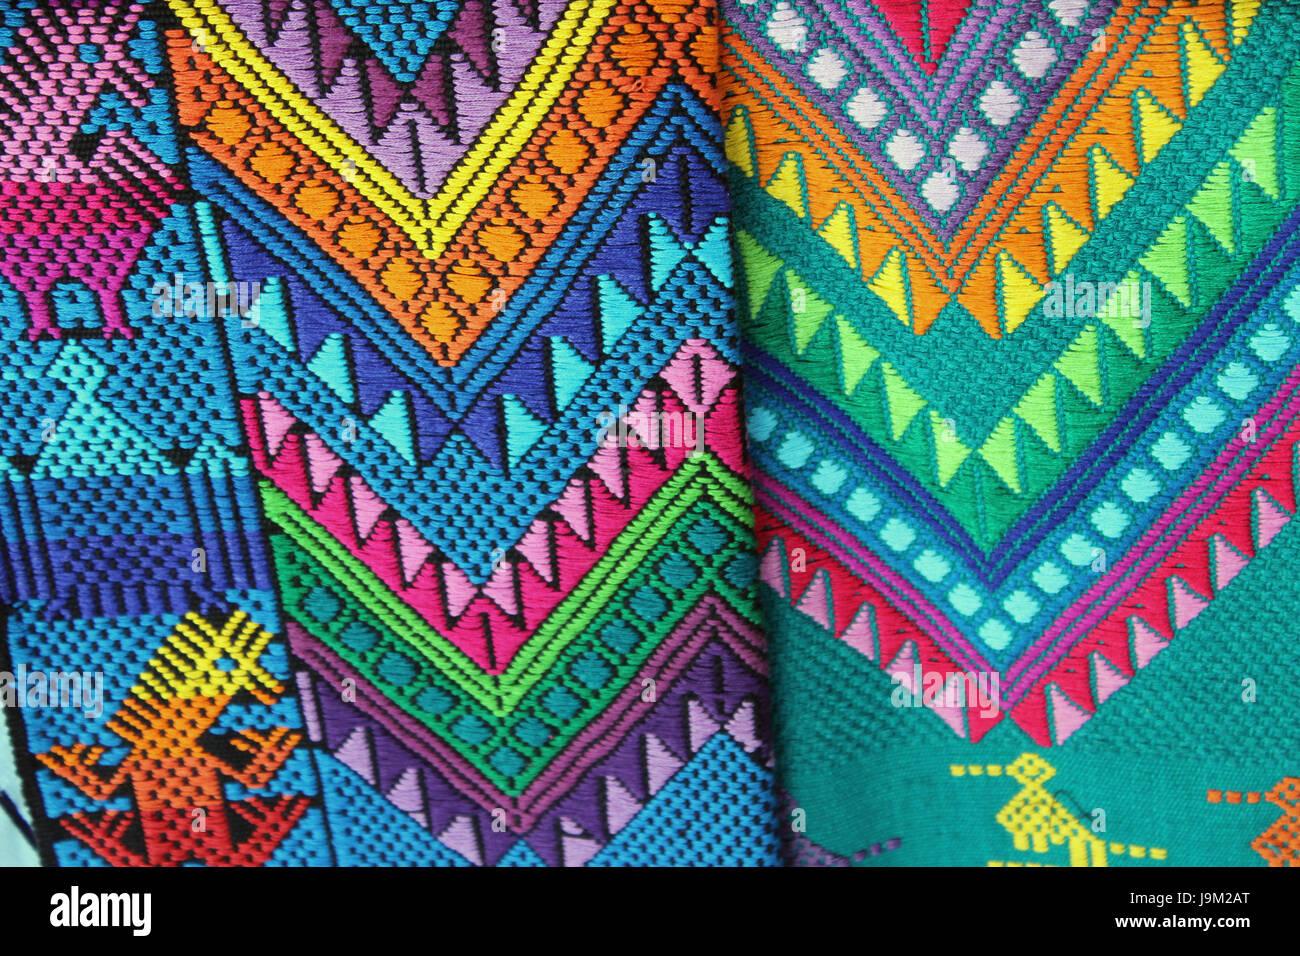 Los textiles típicos de Guatemala, hechos a mano por artesanos guatemaltecos, de uso diario en la comunidad Imagen De Stock